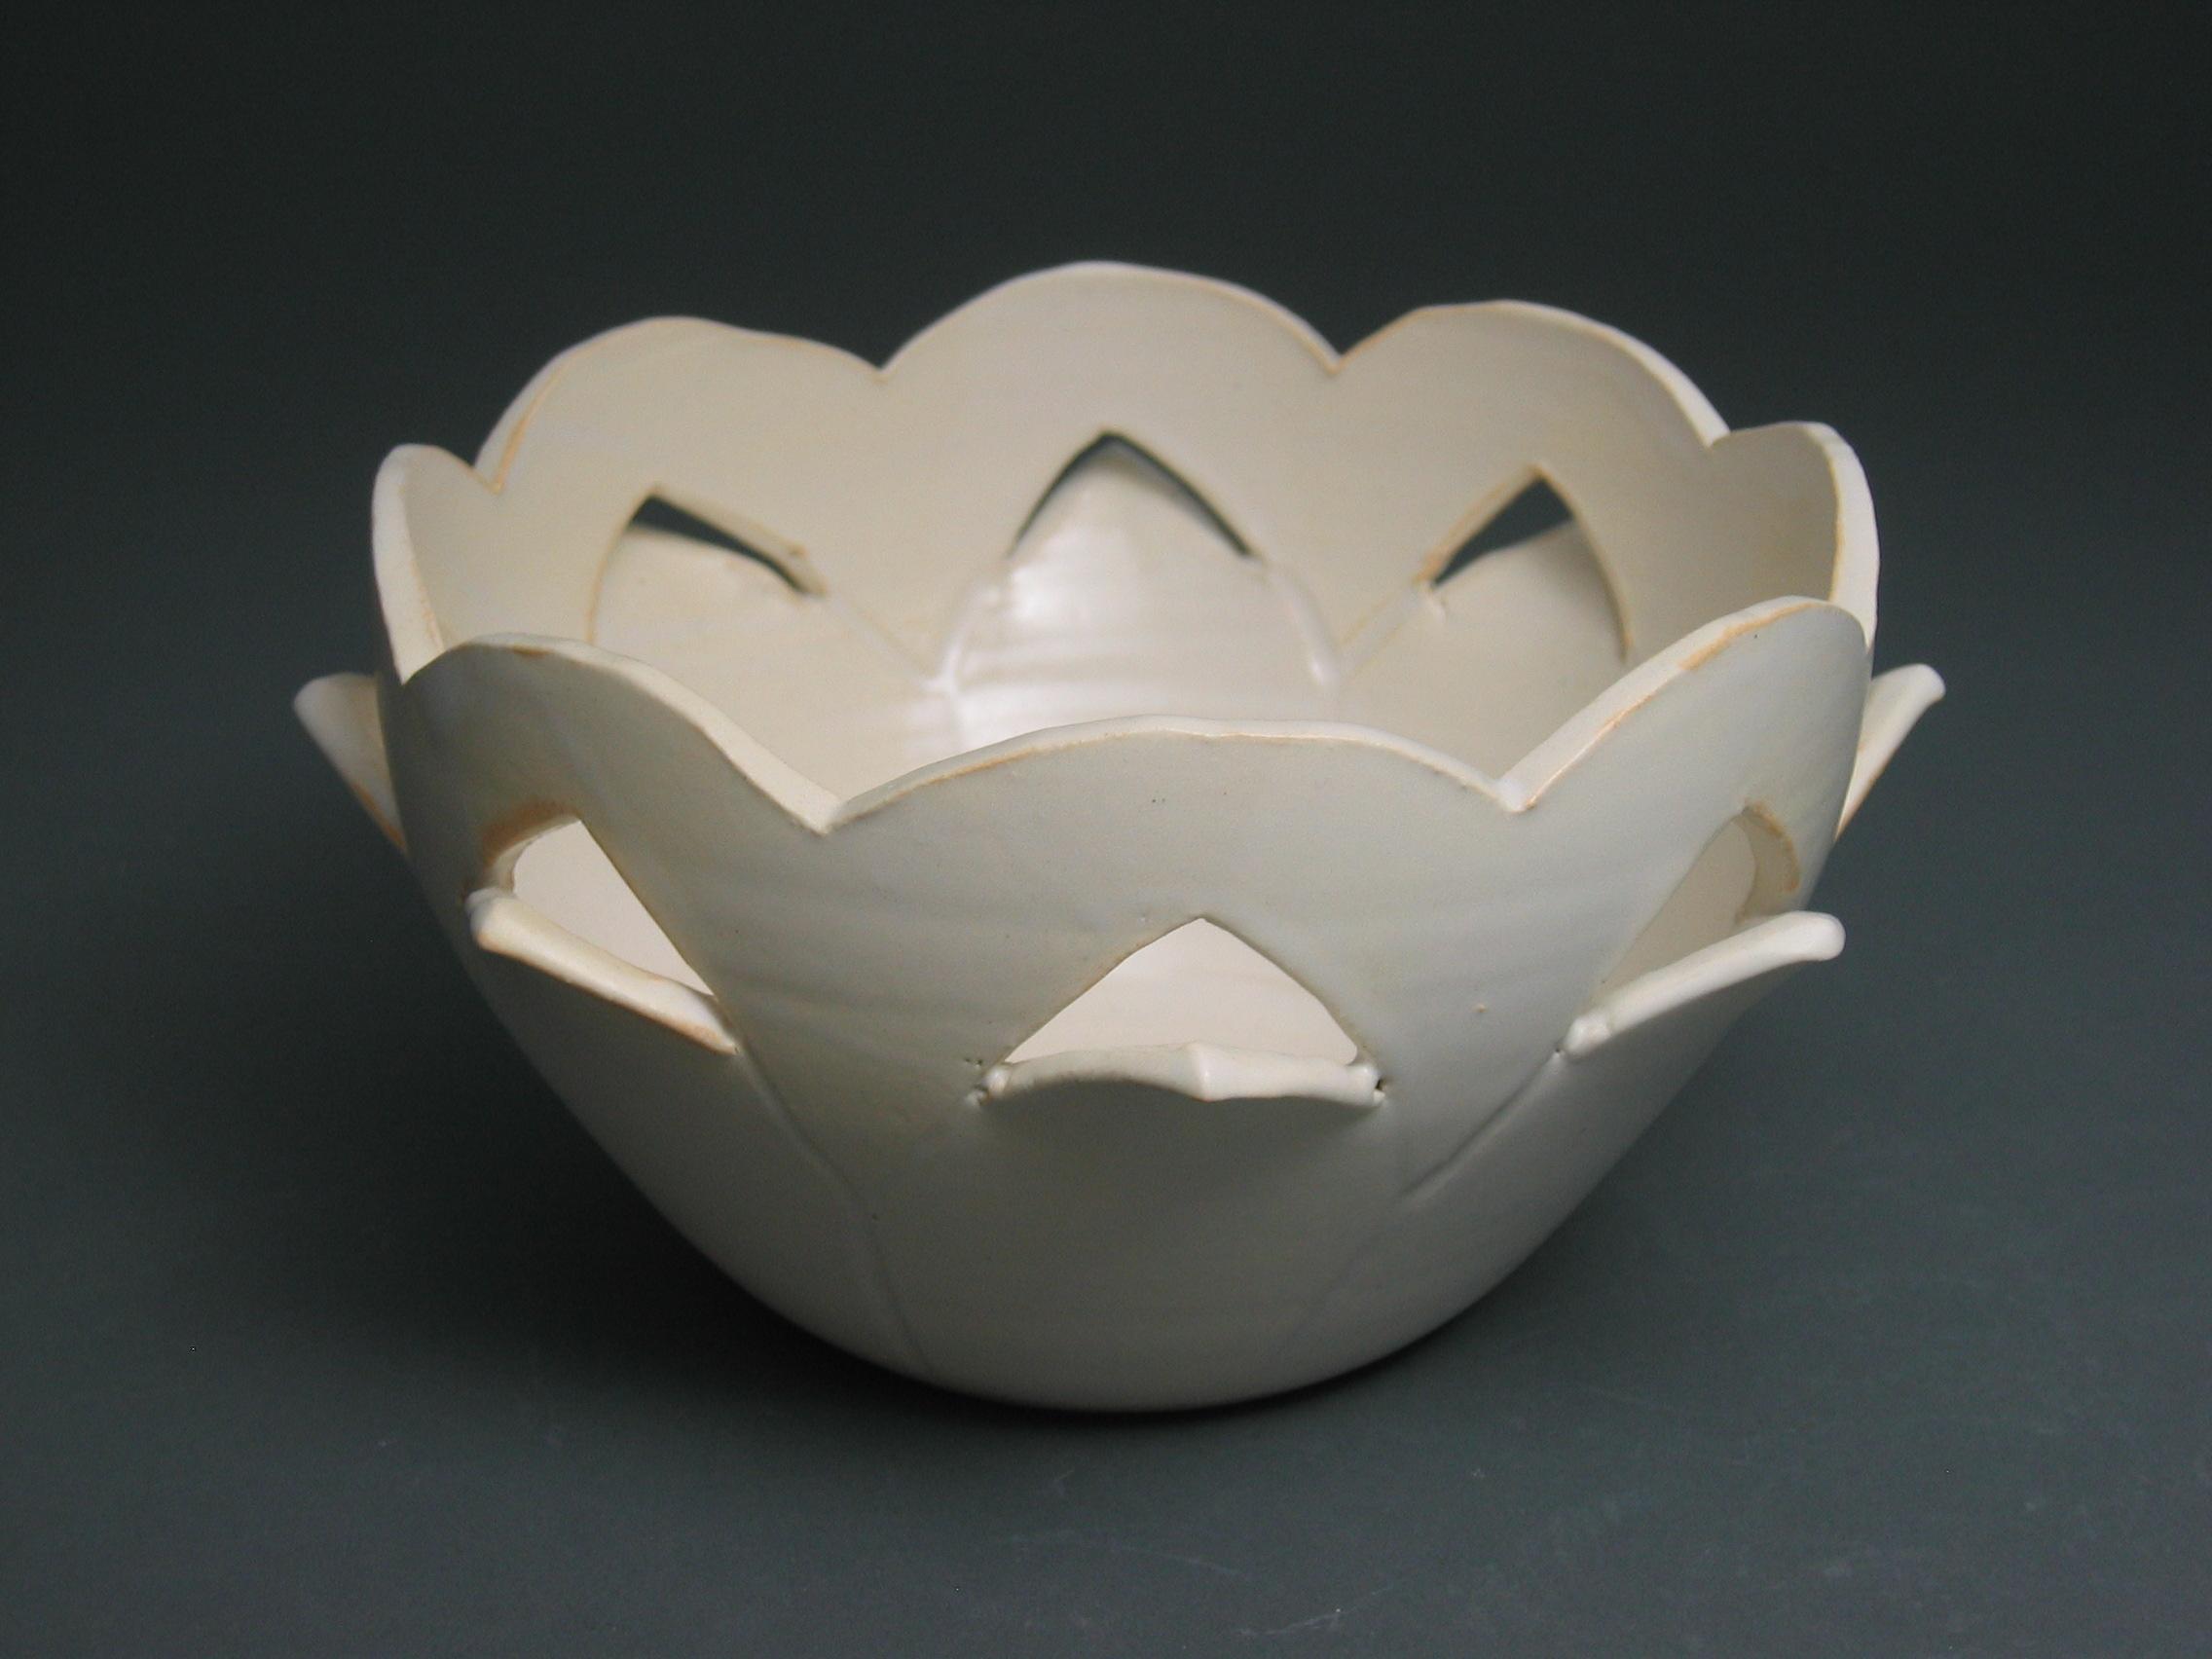 White flower bowl